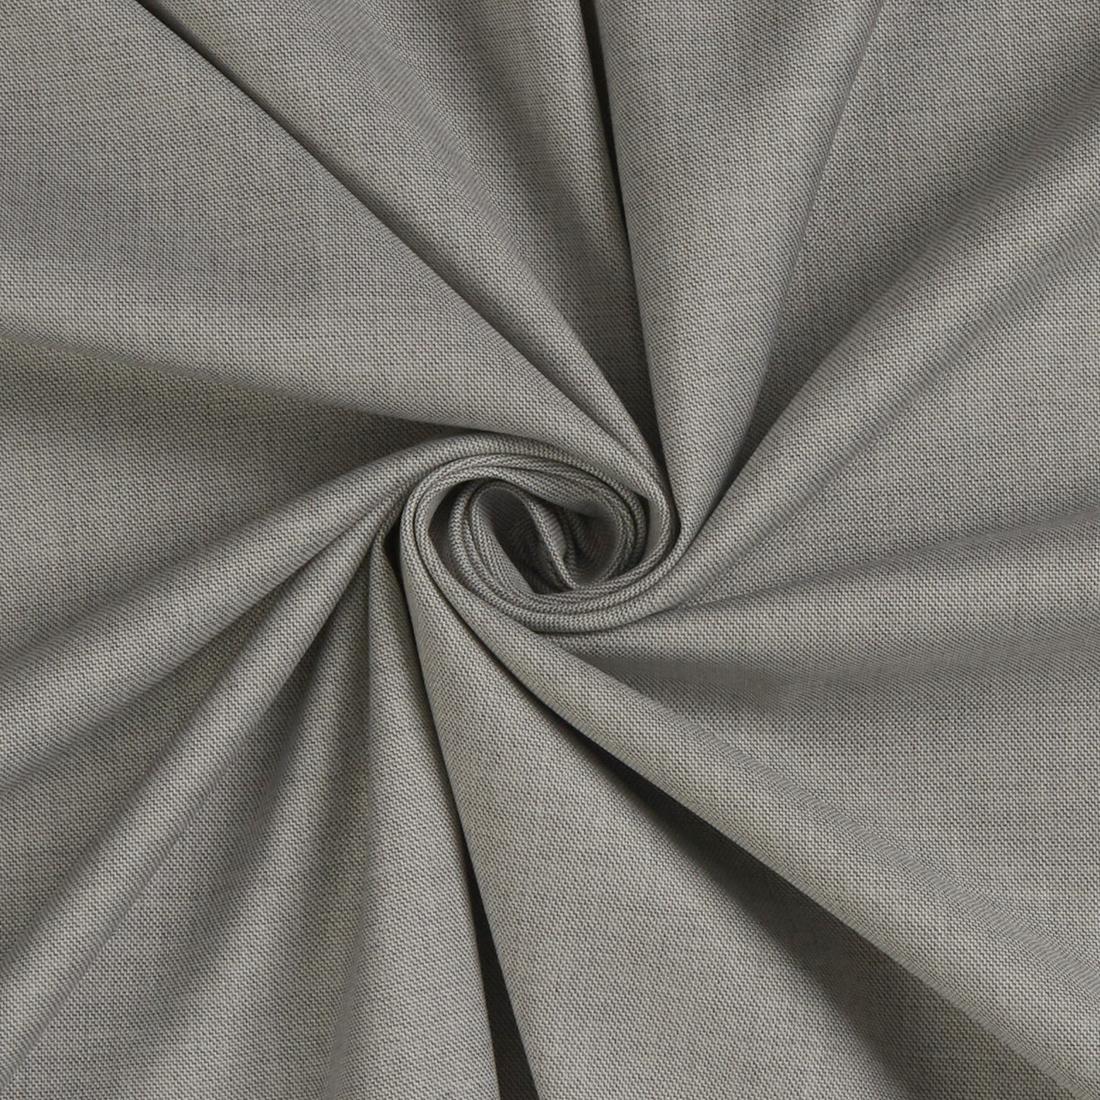 Pindot Suiting Light Grey Fabric